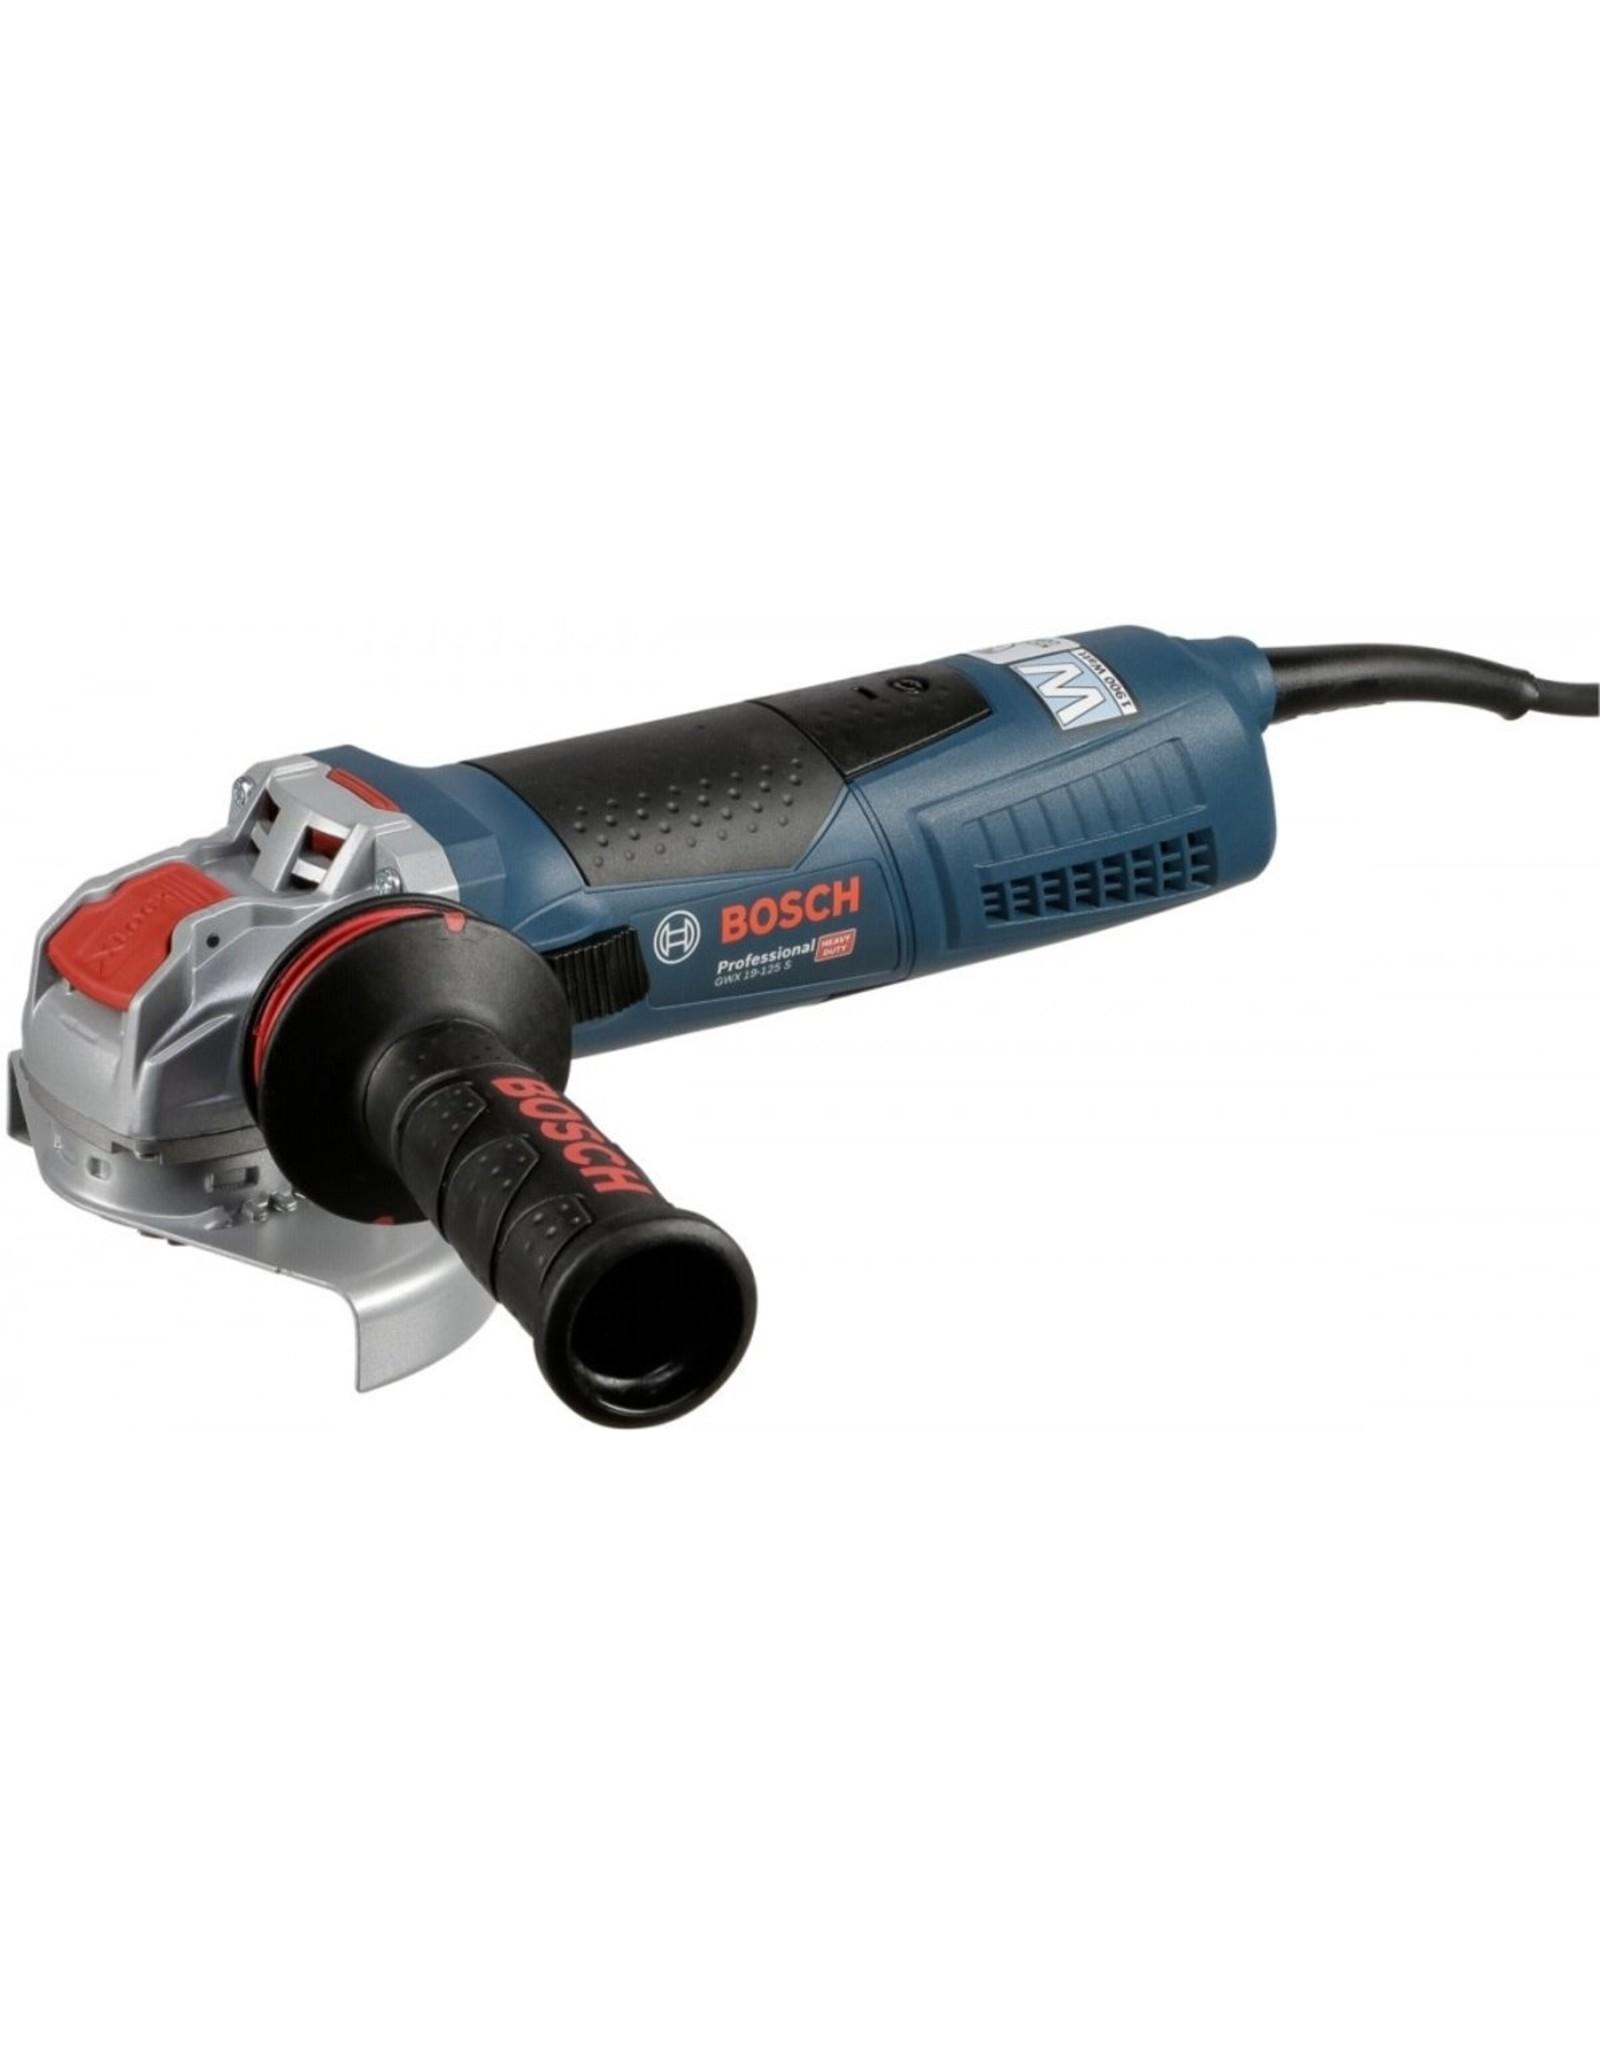 Bosch Professional Bosch GWX 19-125 S Professional haakse slijpmachine